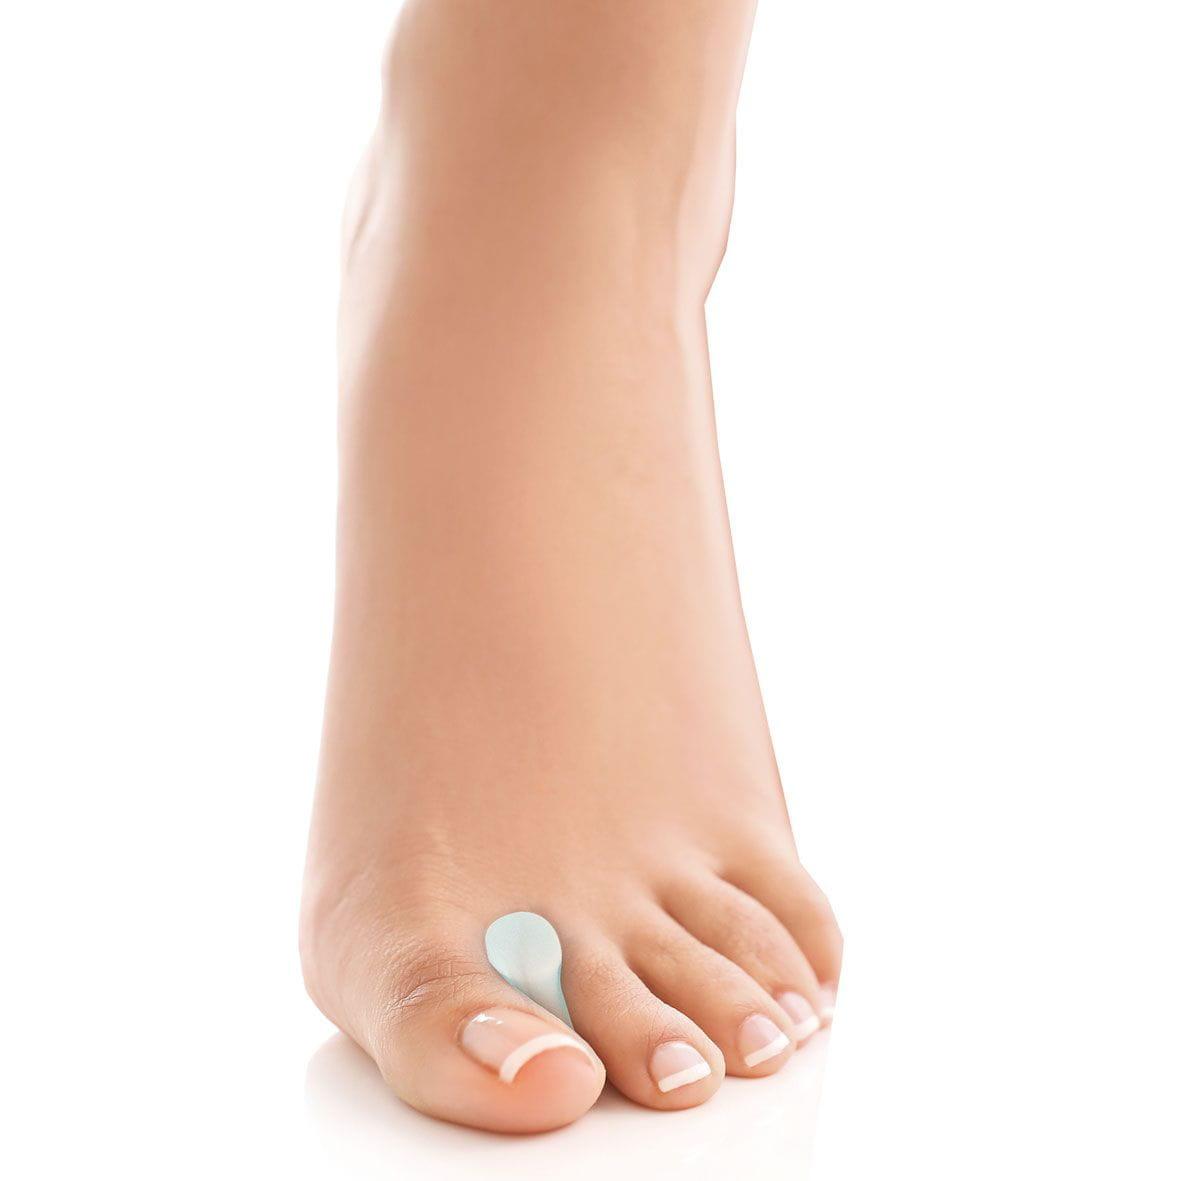 【居家醫療護具】【RRIM】西班牙大拇趾分隔墊 2